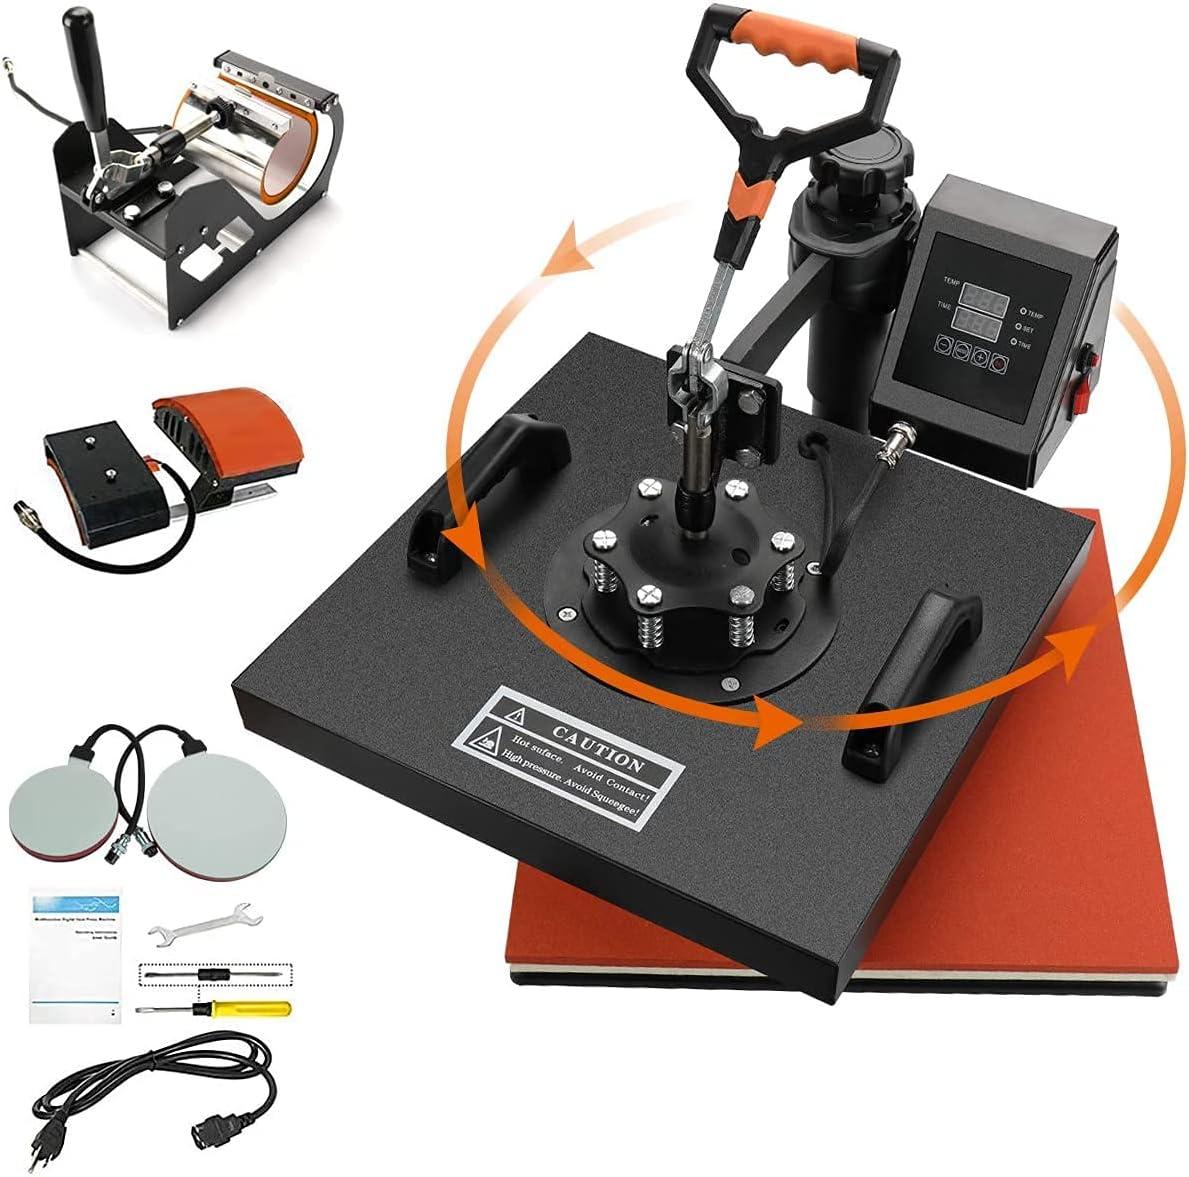 Prensa de calor 38x38 5 en 1 Prensa de impresión por sublimación digital Máquina industrial de transferencia de calor de concha para camisetas